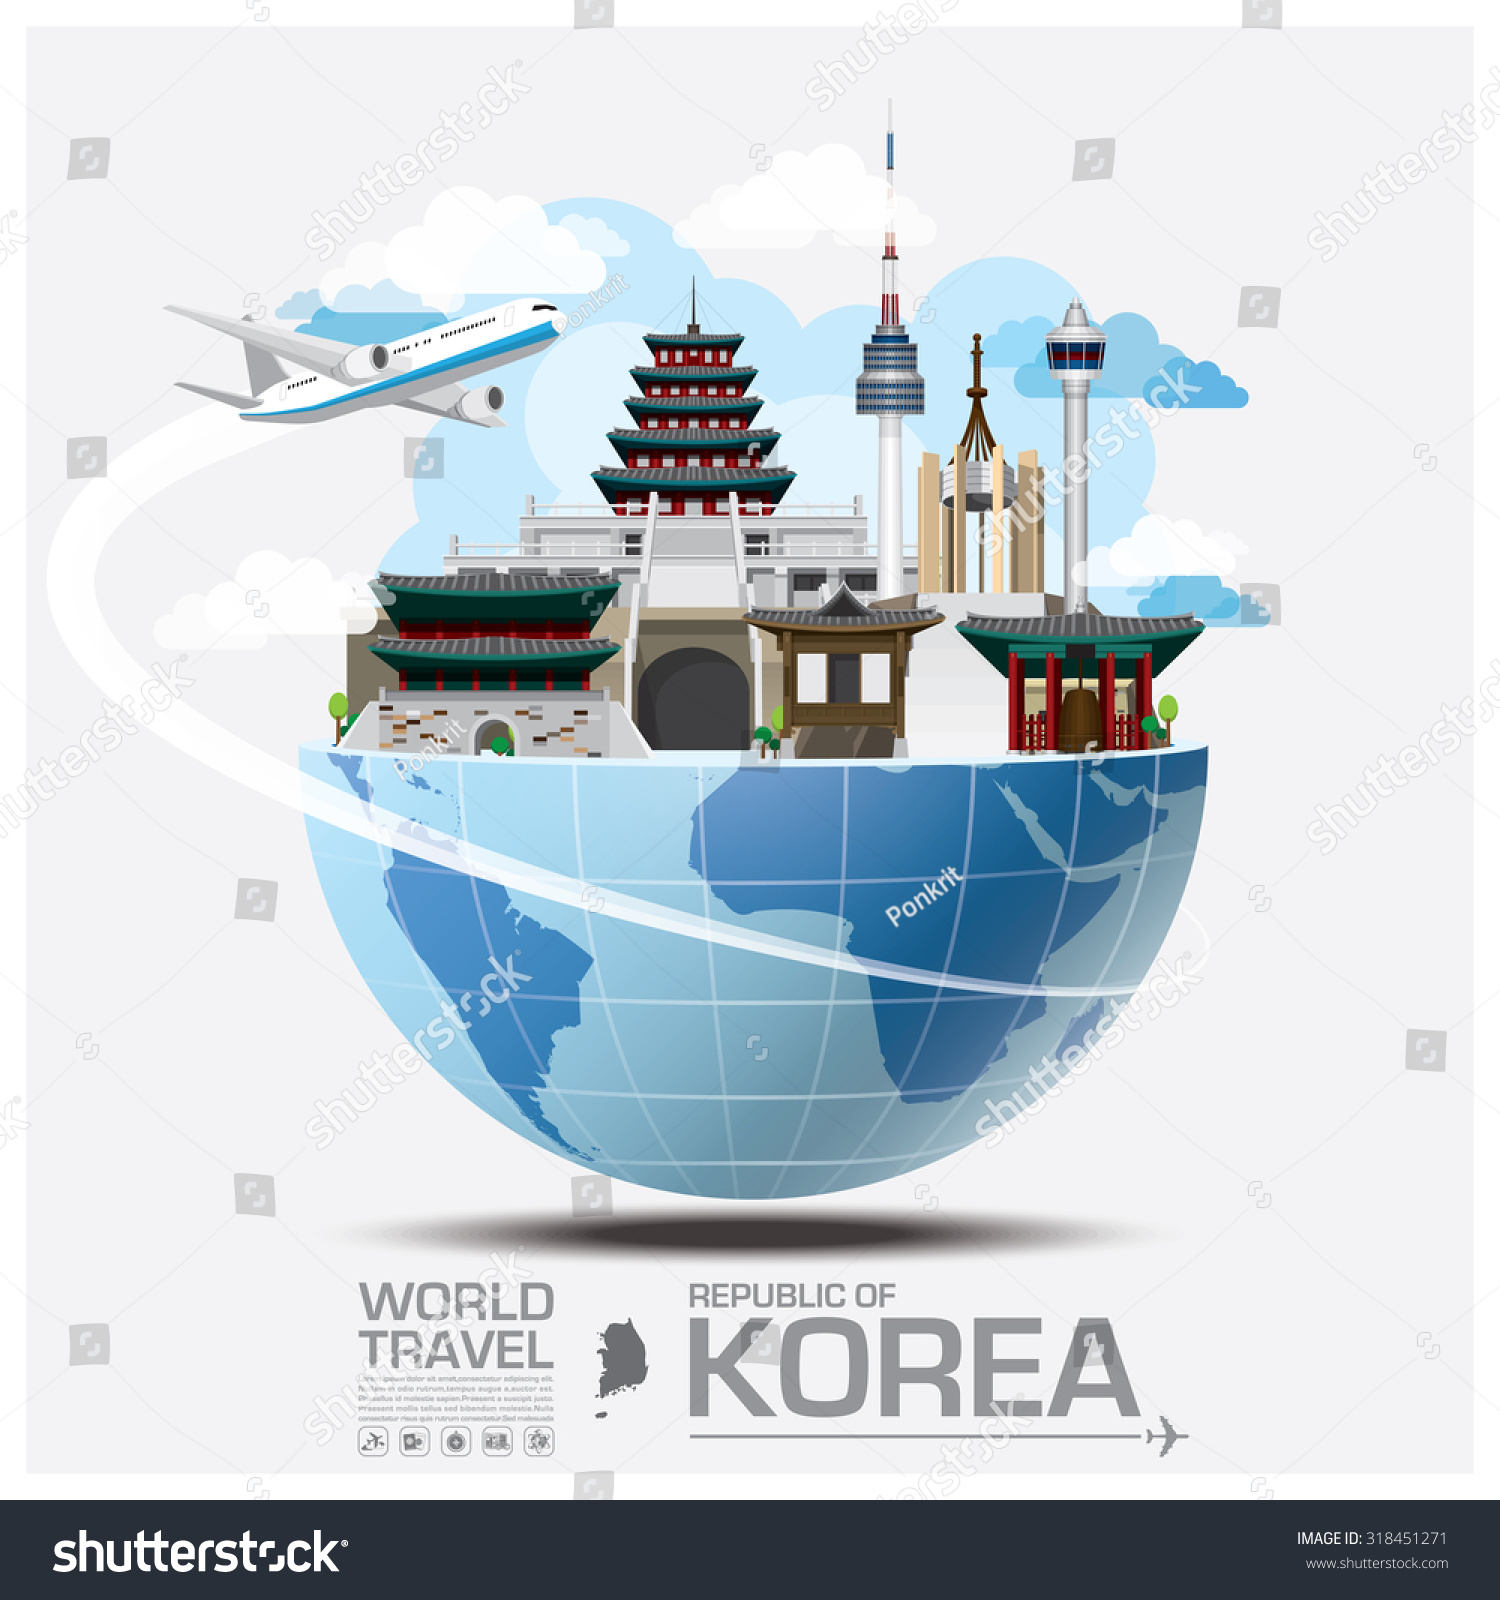 Republic korea landmark global travel journey stock vector for Landmark design